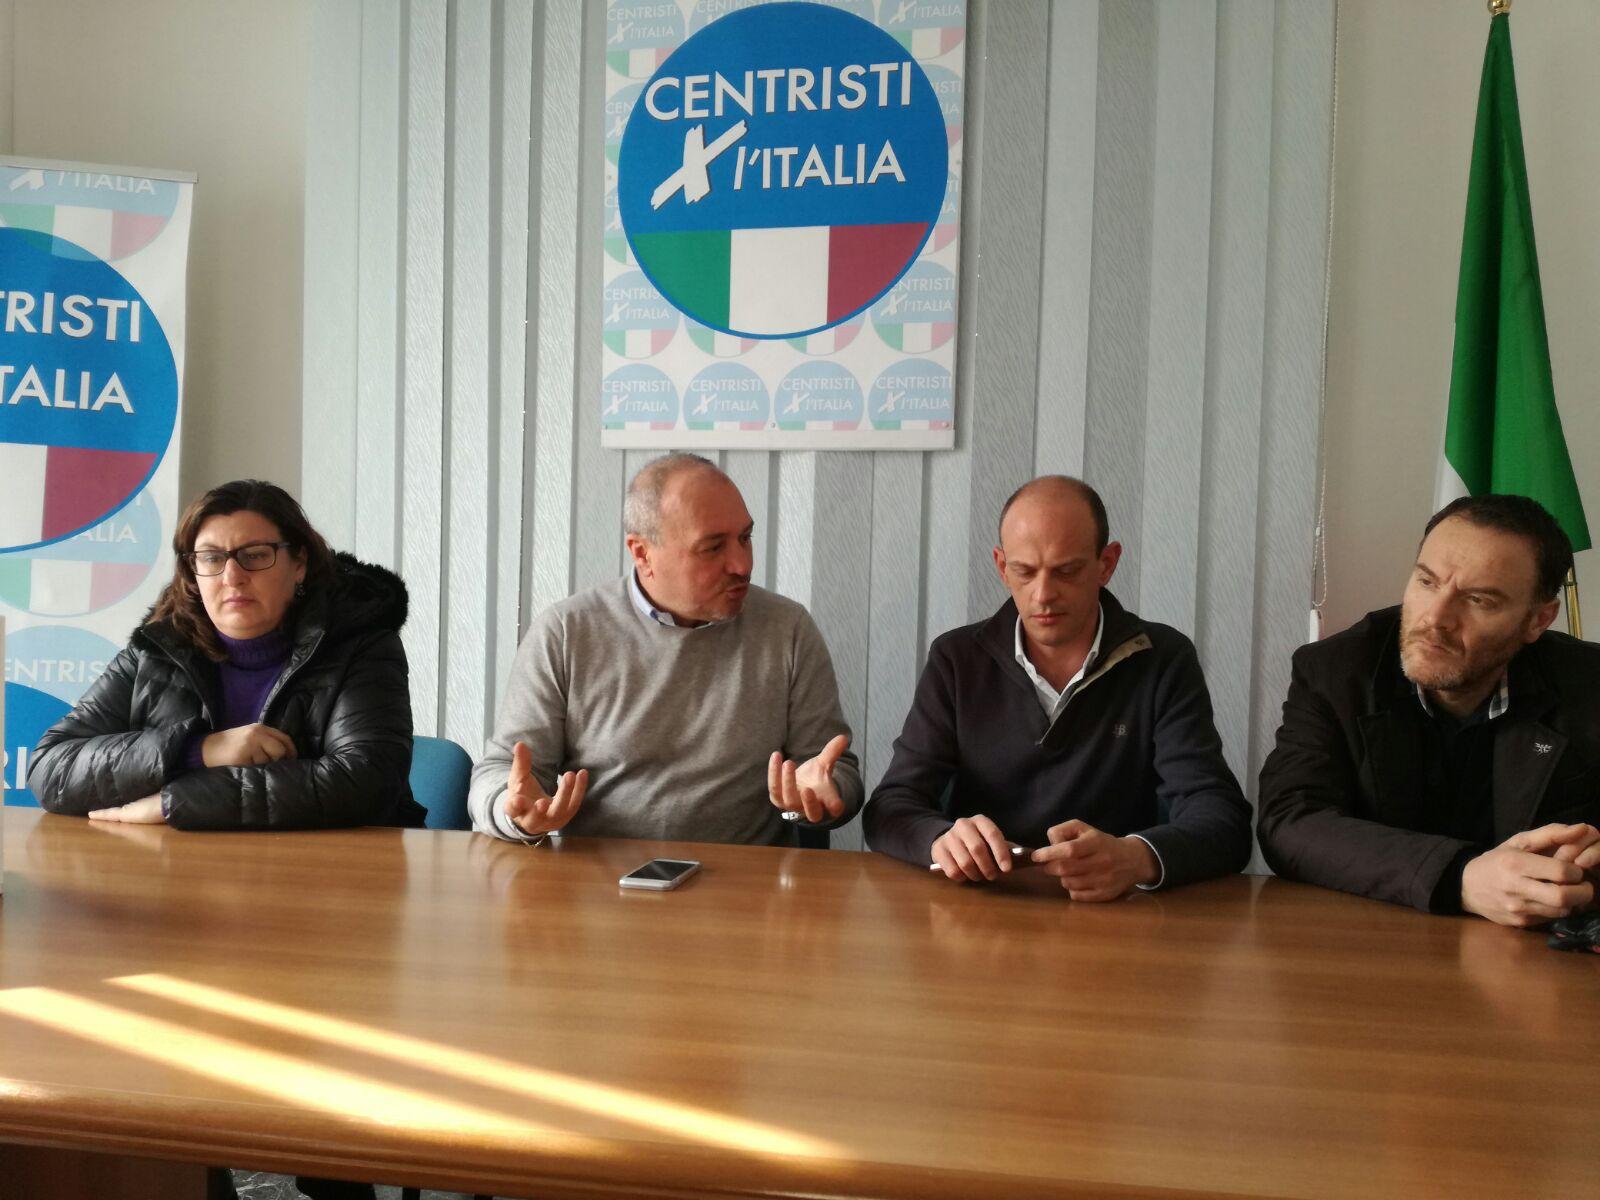 Benevento| Centristi Italia, Santamaria: l'11 a Roma per aprire nuova fase